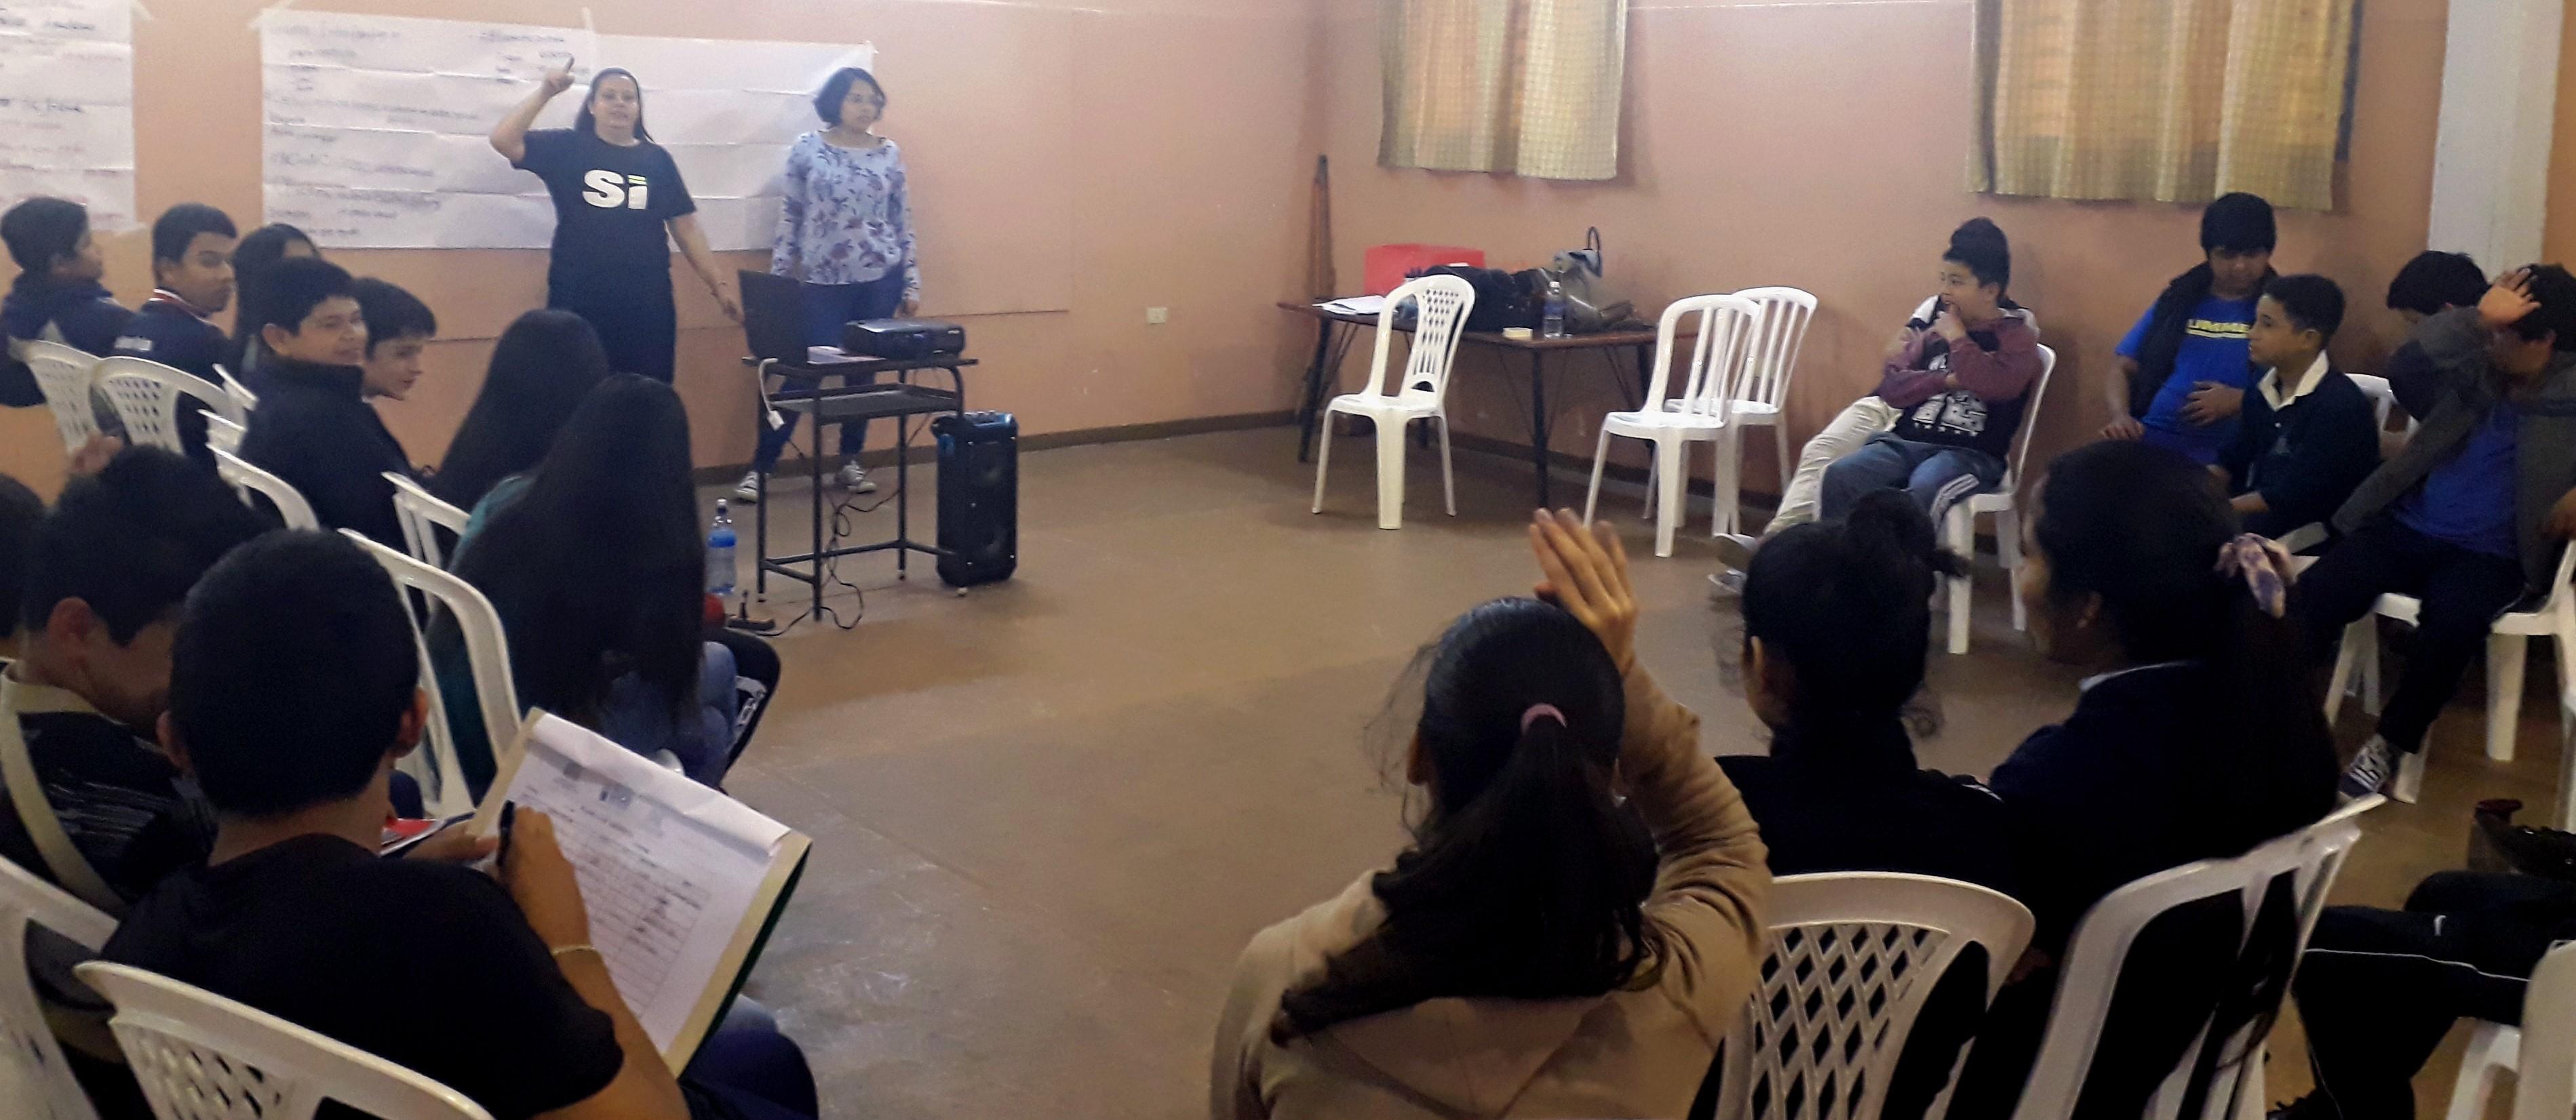 Formation de jeunes Paraguay